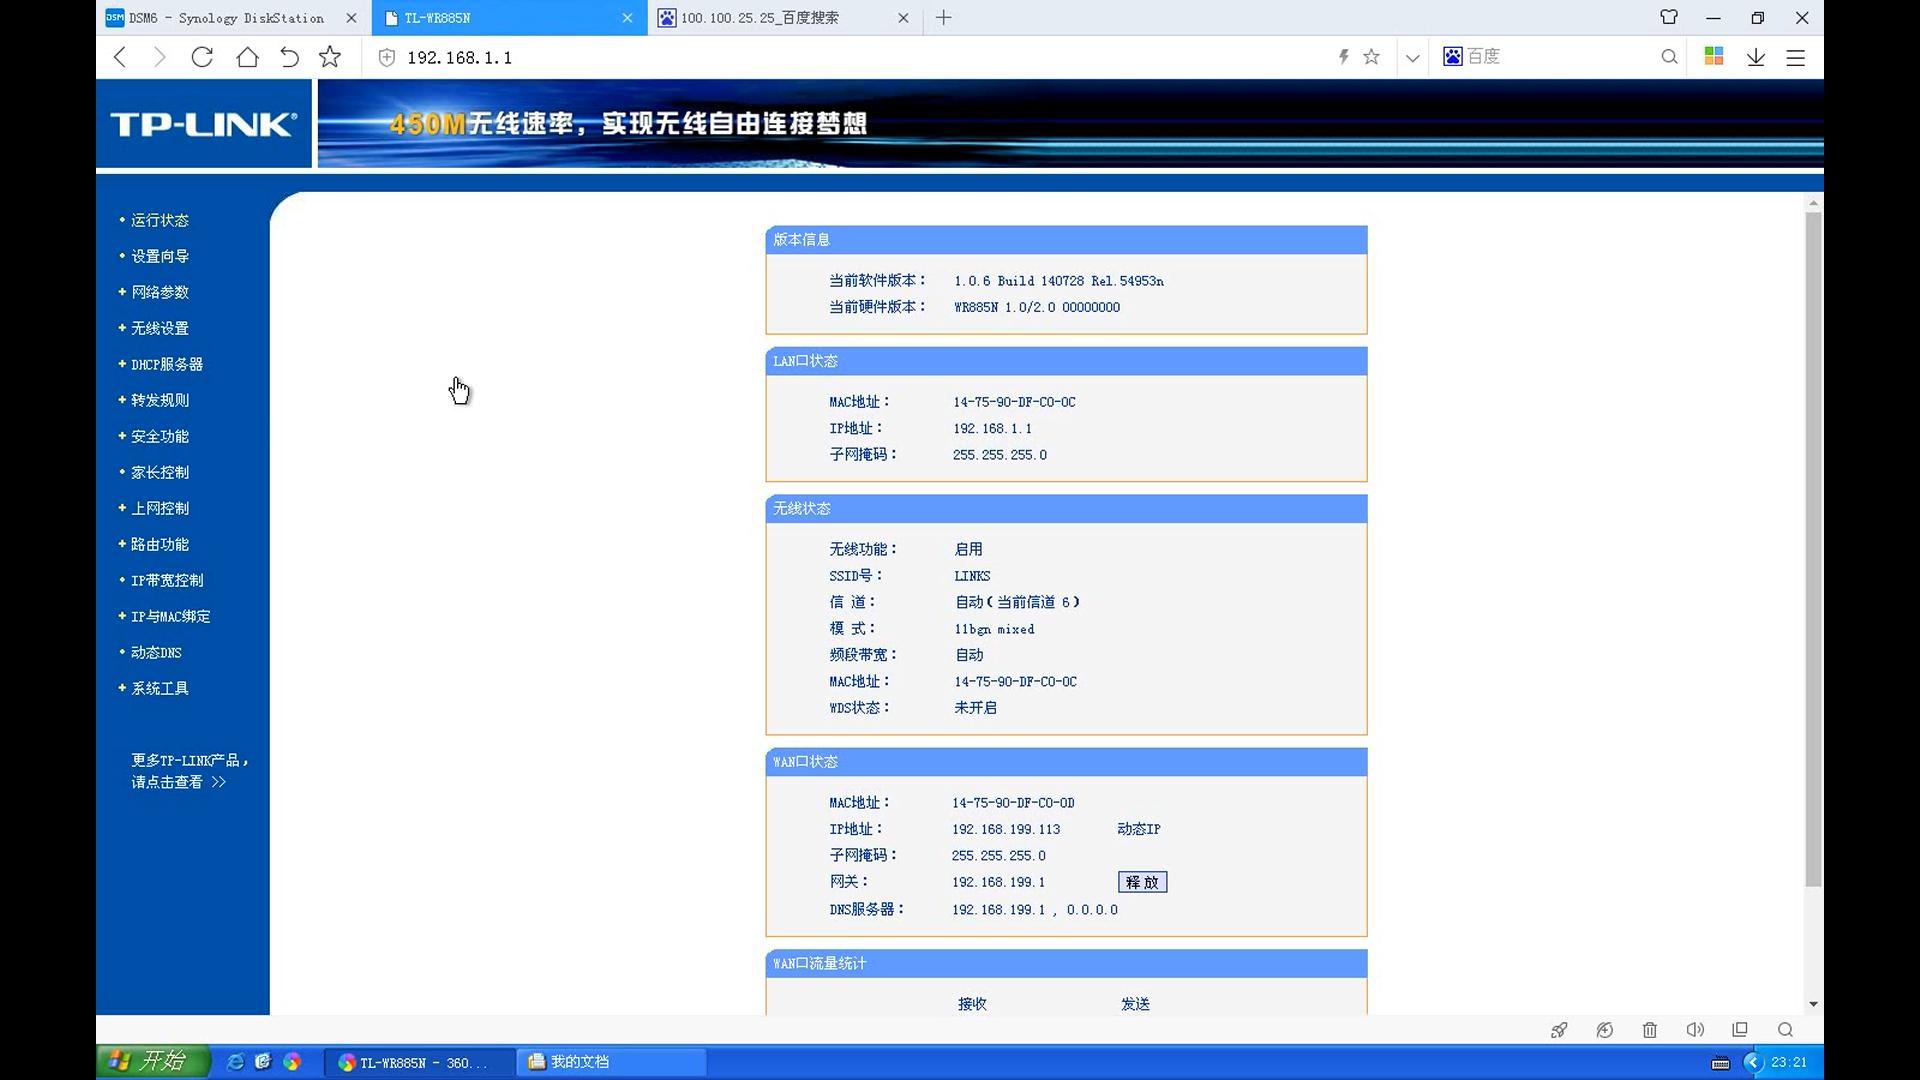 群晖nas使用教程16:DDNS端口转发实现外网访问群晖